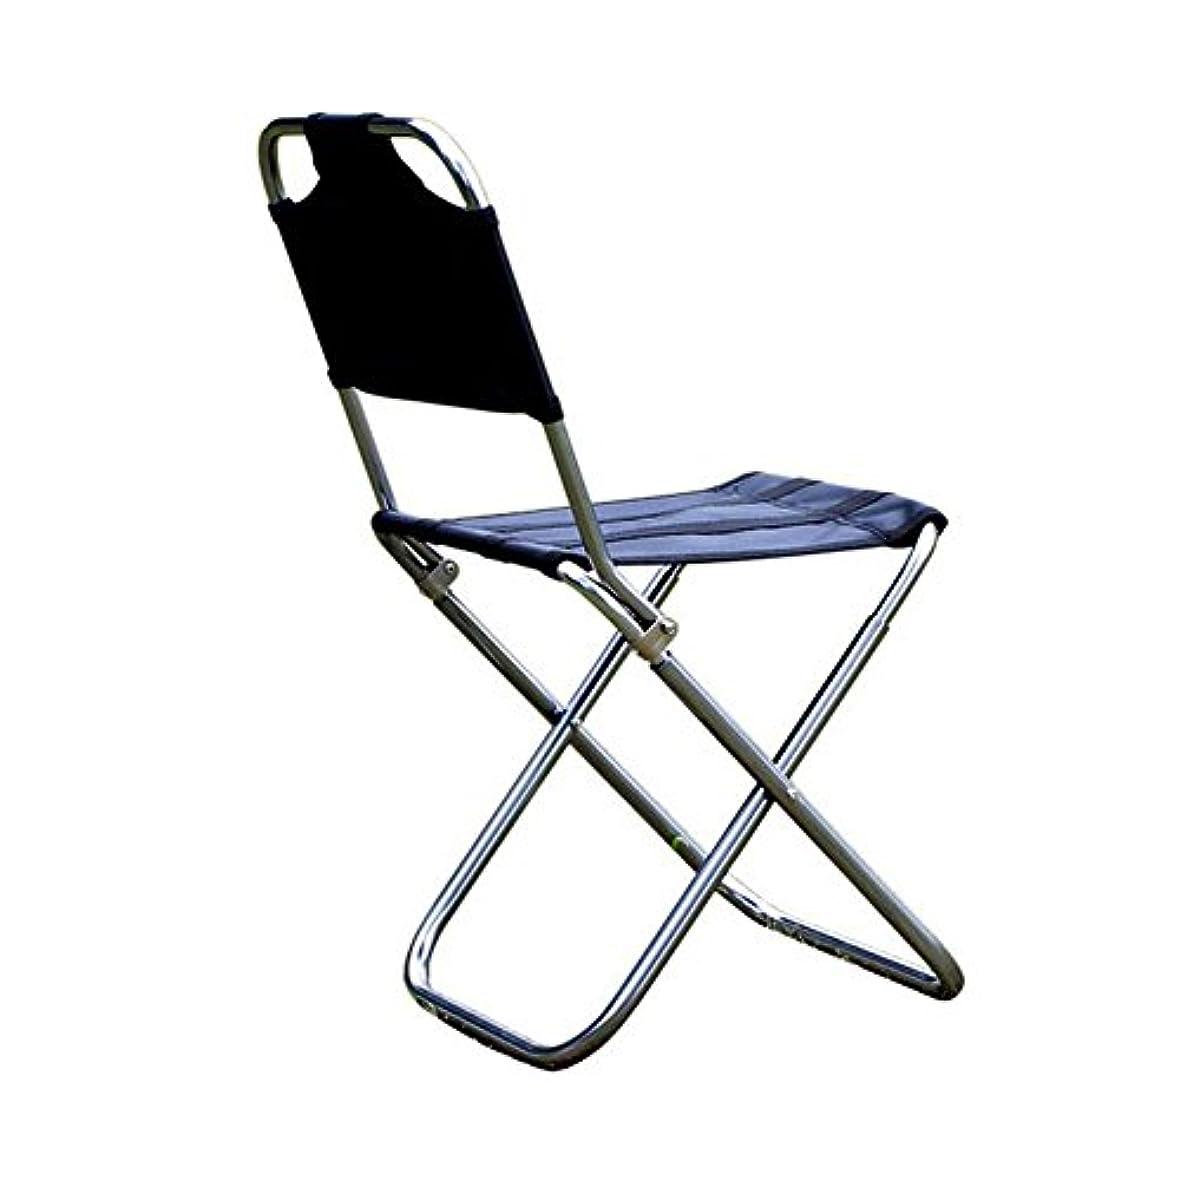 受け取るリス電極アウトドア チェア 折りたたみ椅子 コンパクトチェア 超軽量小型 携帯椅子 野外登山 お釣りスケッチバーべキューピクニック 耐荷重110kg 専用収納袋付き